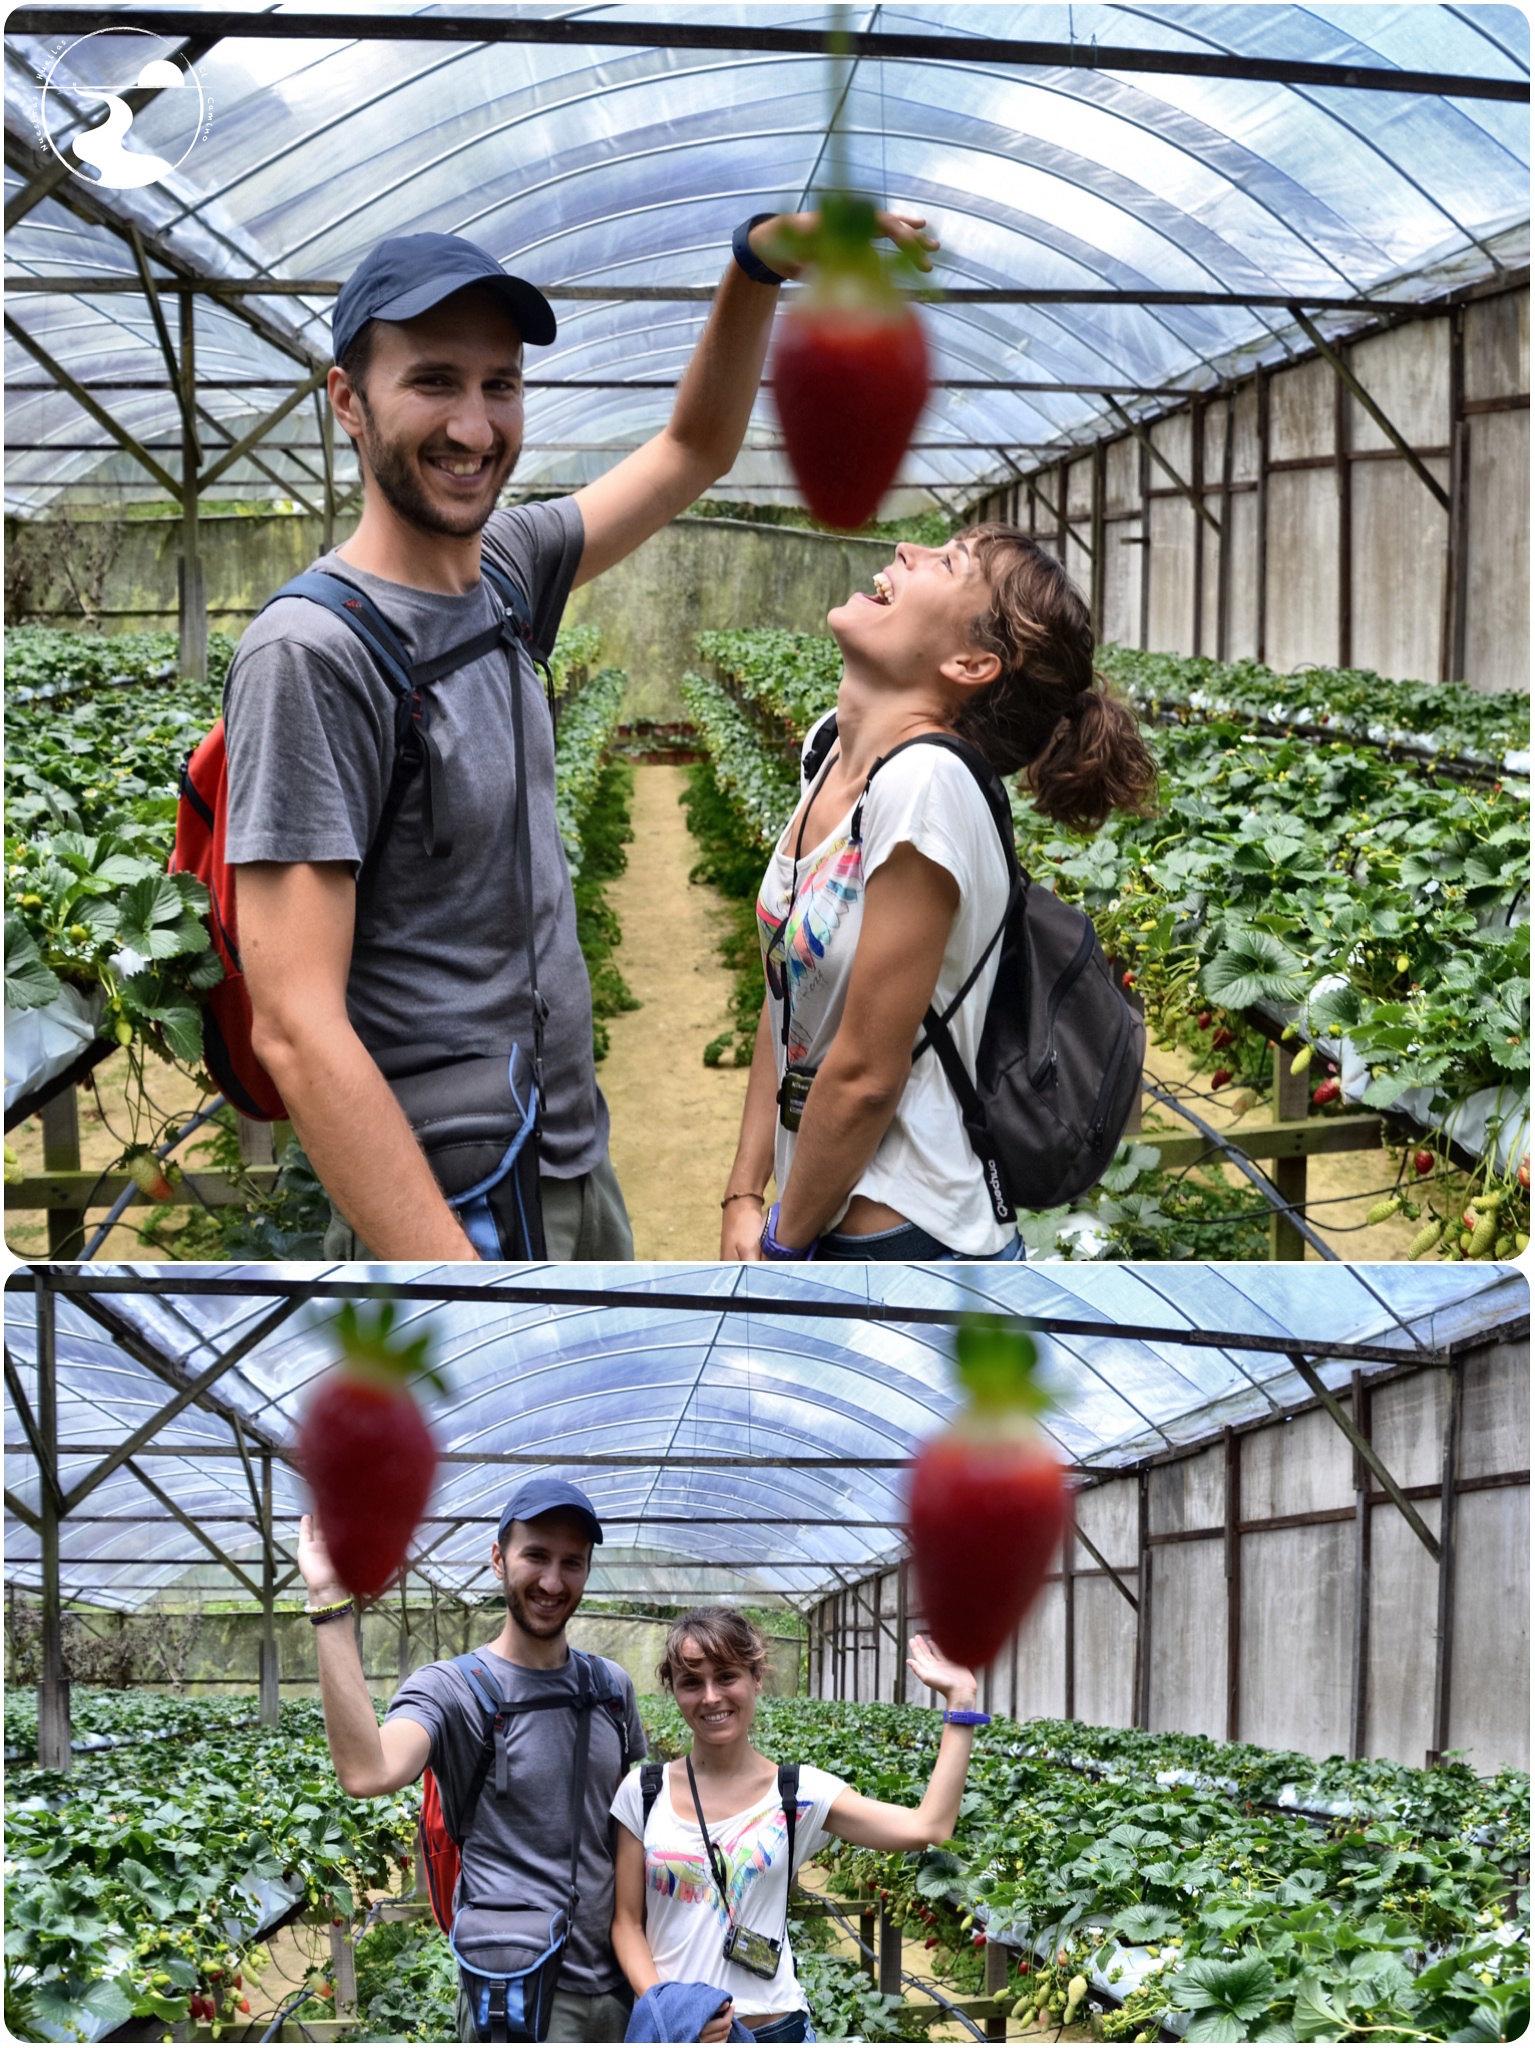 Haciendo el tonto con las fresas